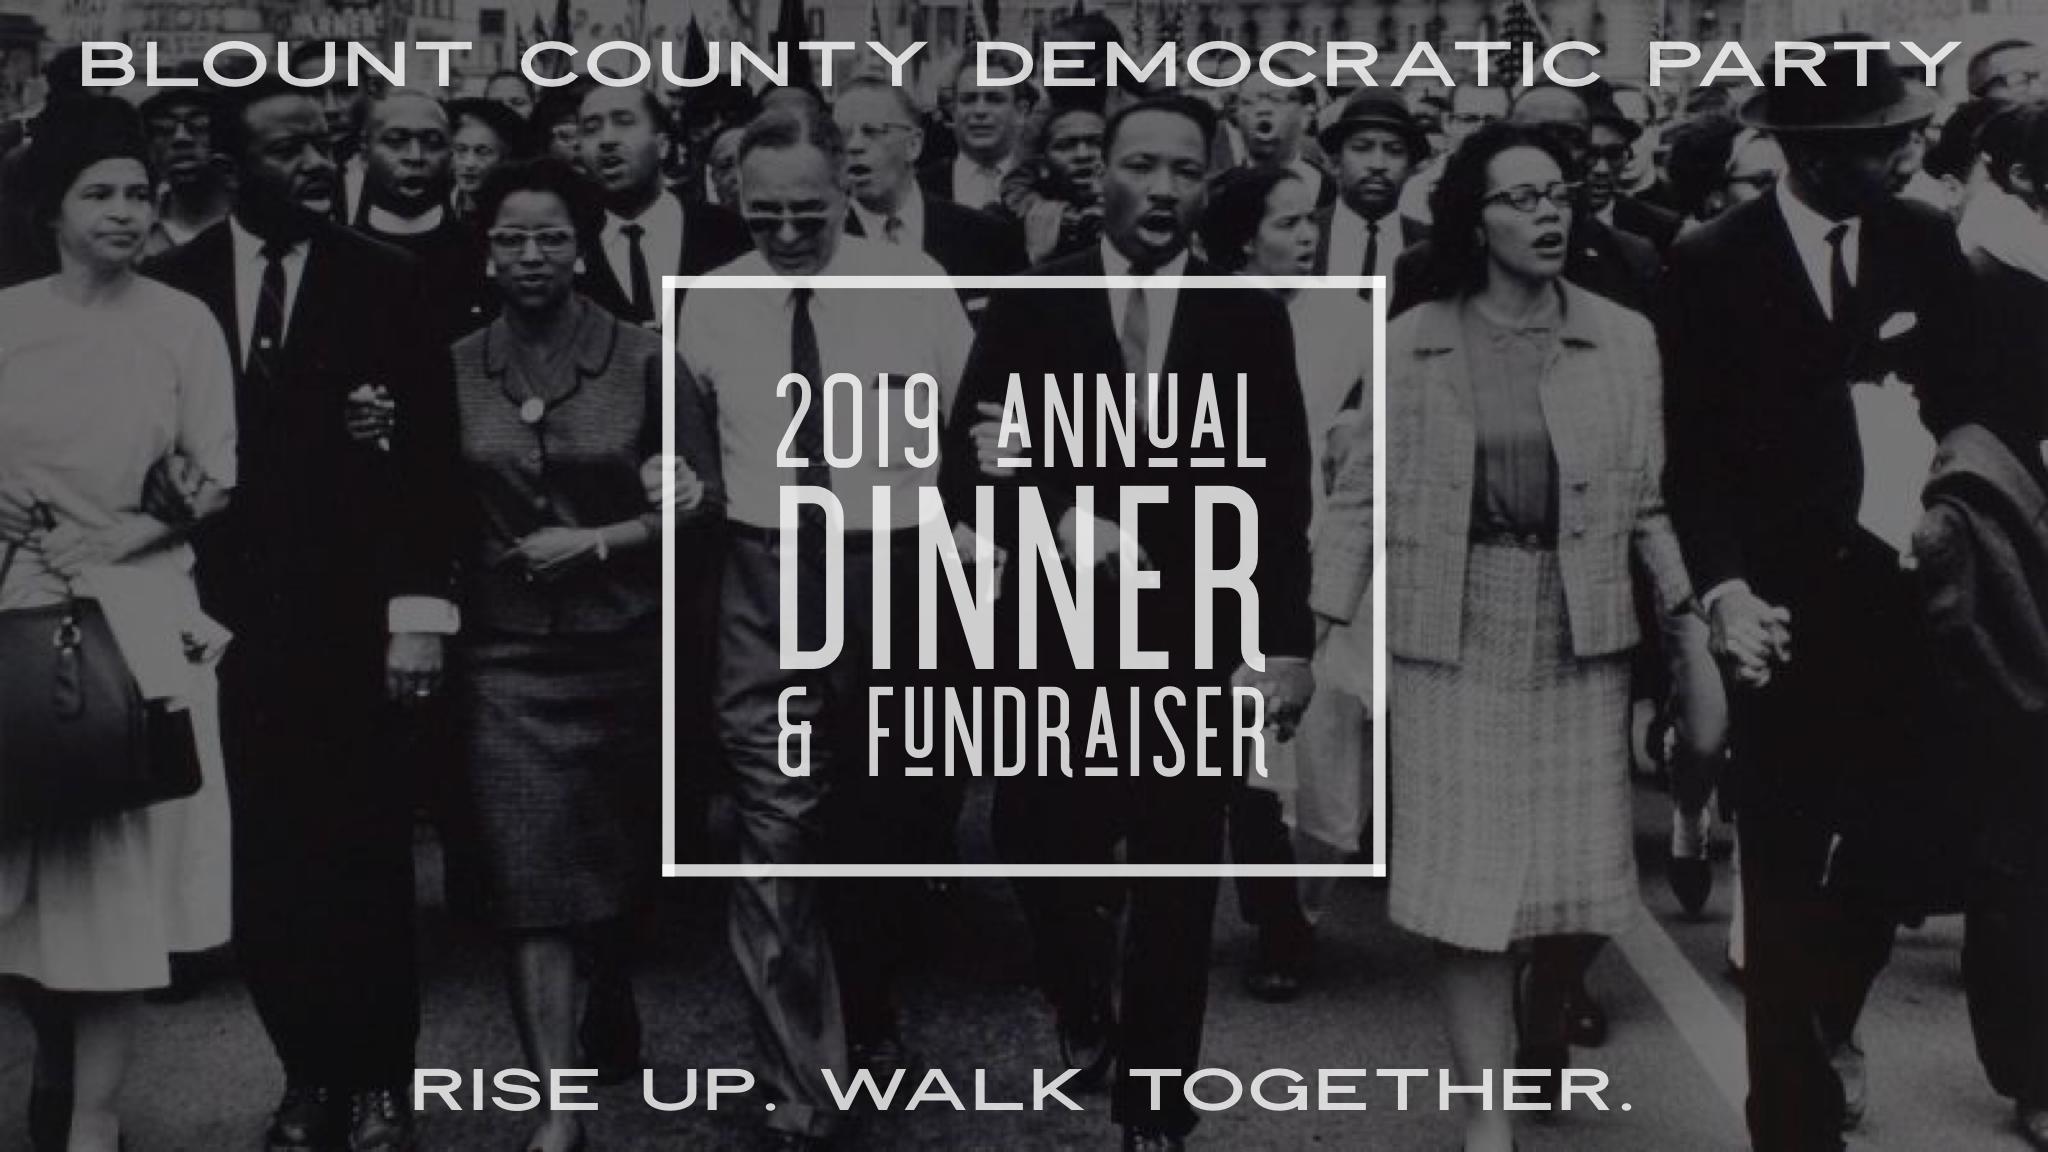 Blount County Democratic Party (TN)